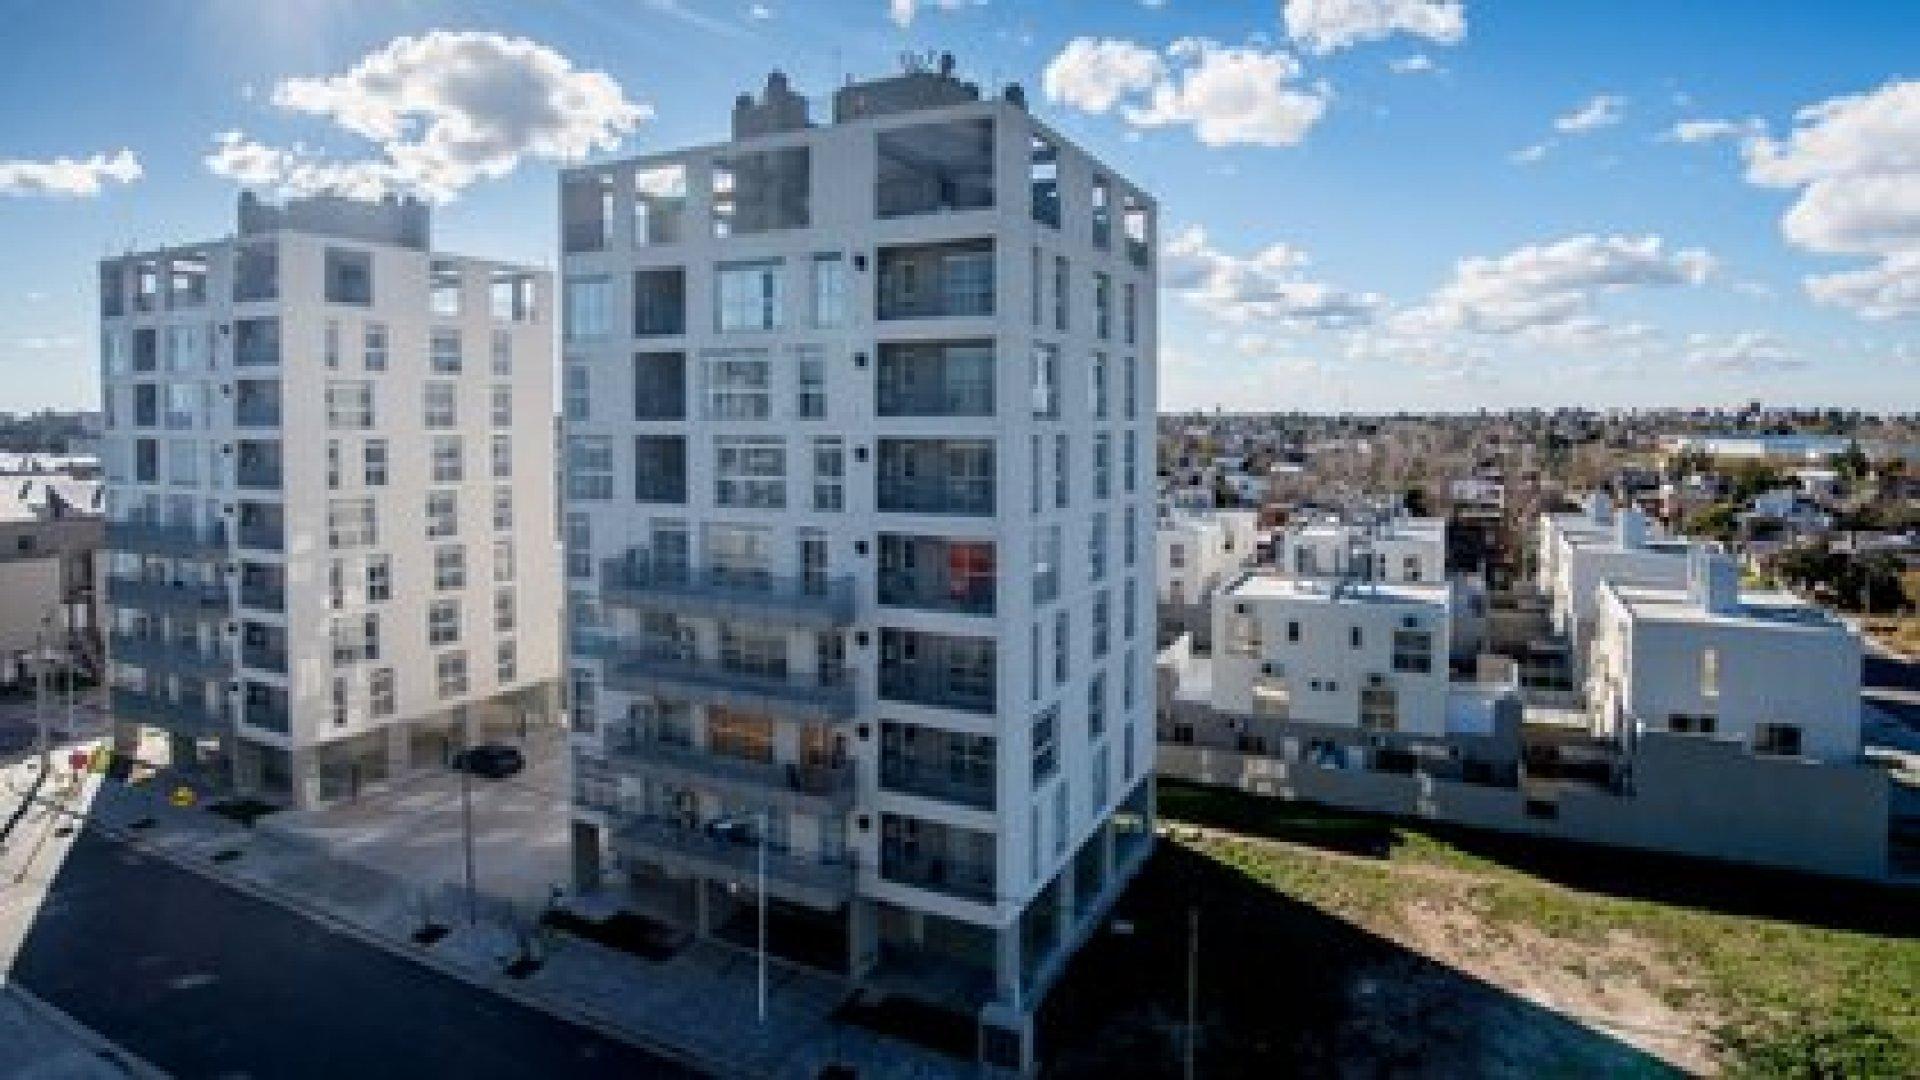 La iniciativa propone soluciones habitacionales a través de viviendas construidas por el Estado